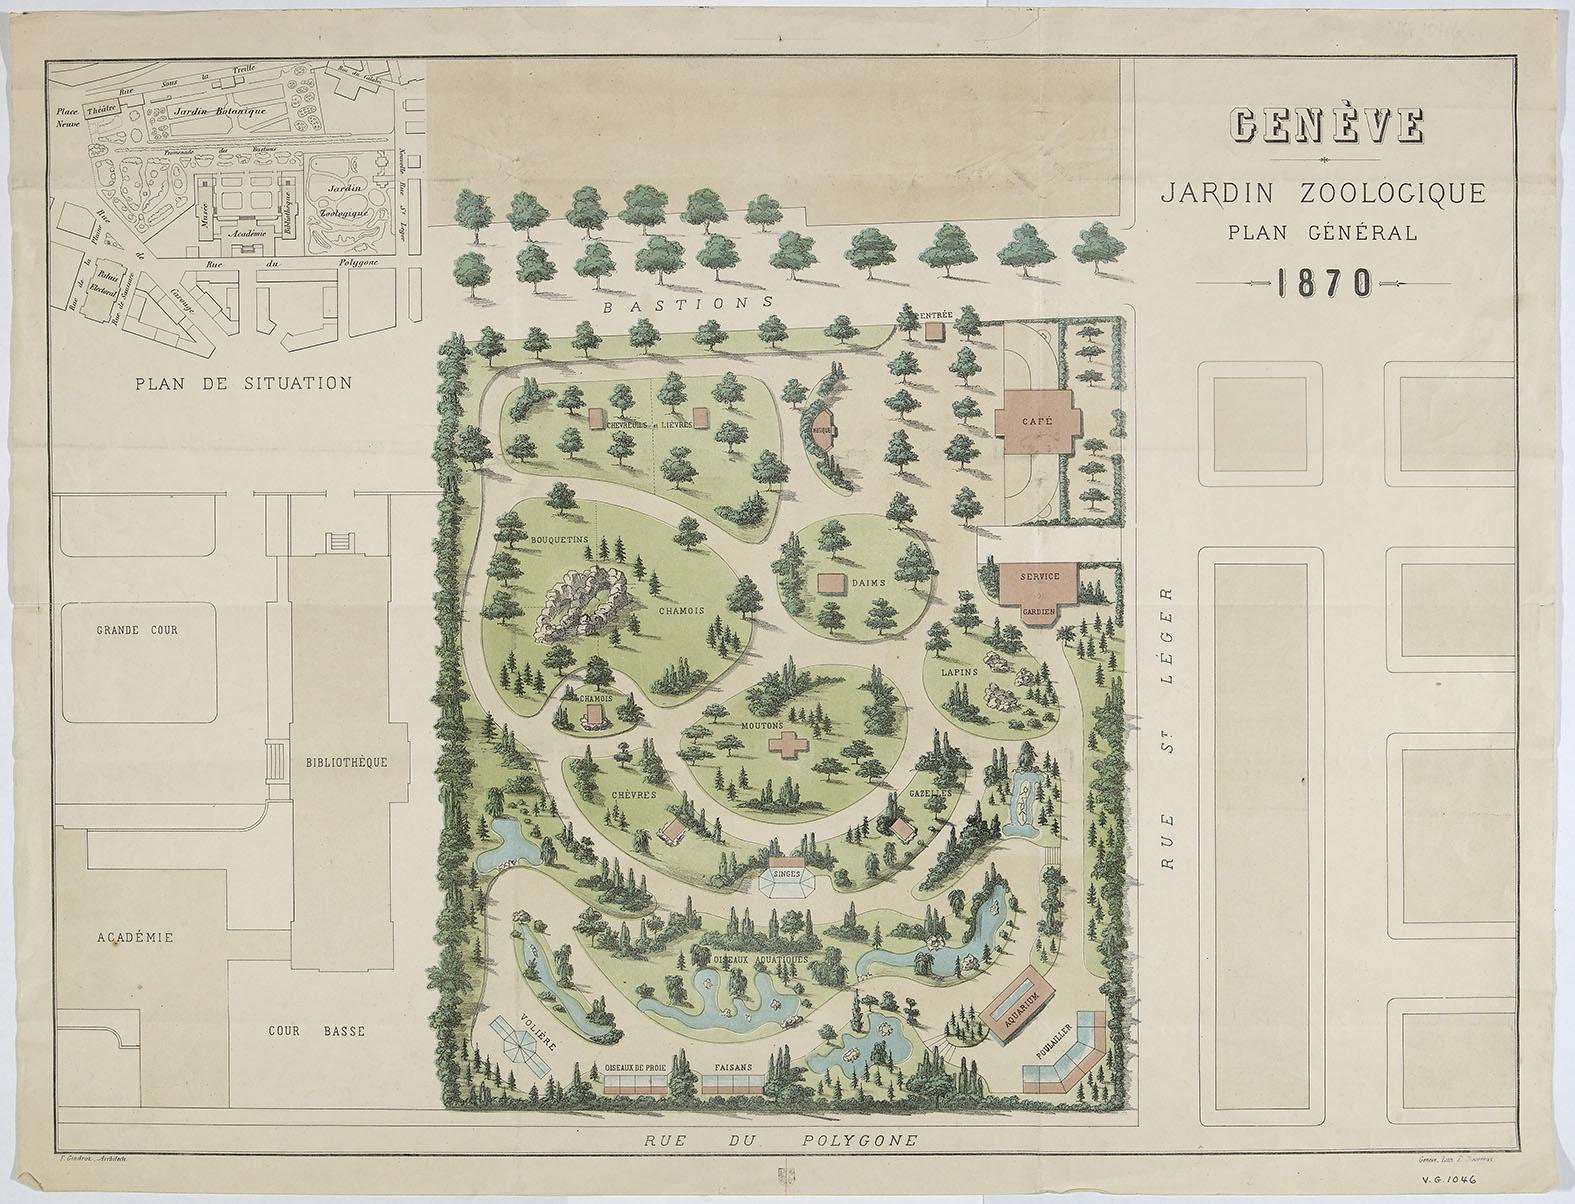 Genève, promenade des Bastions: plan du jardin zoologique